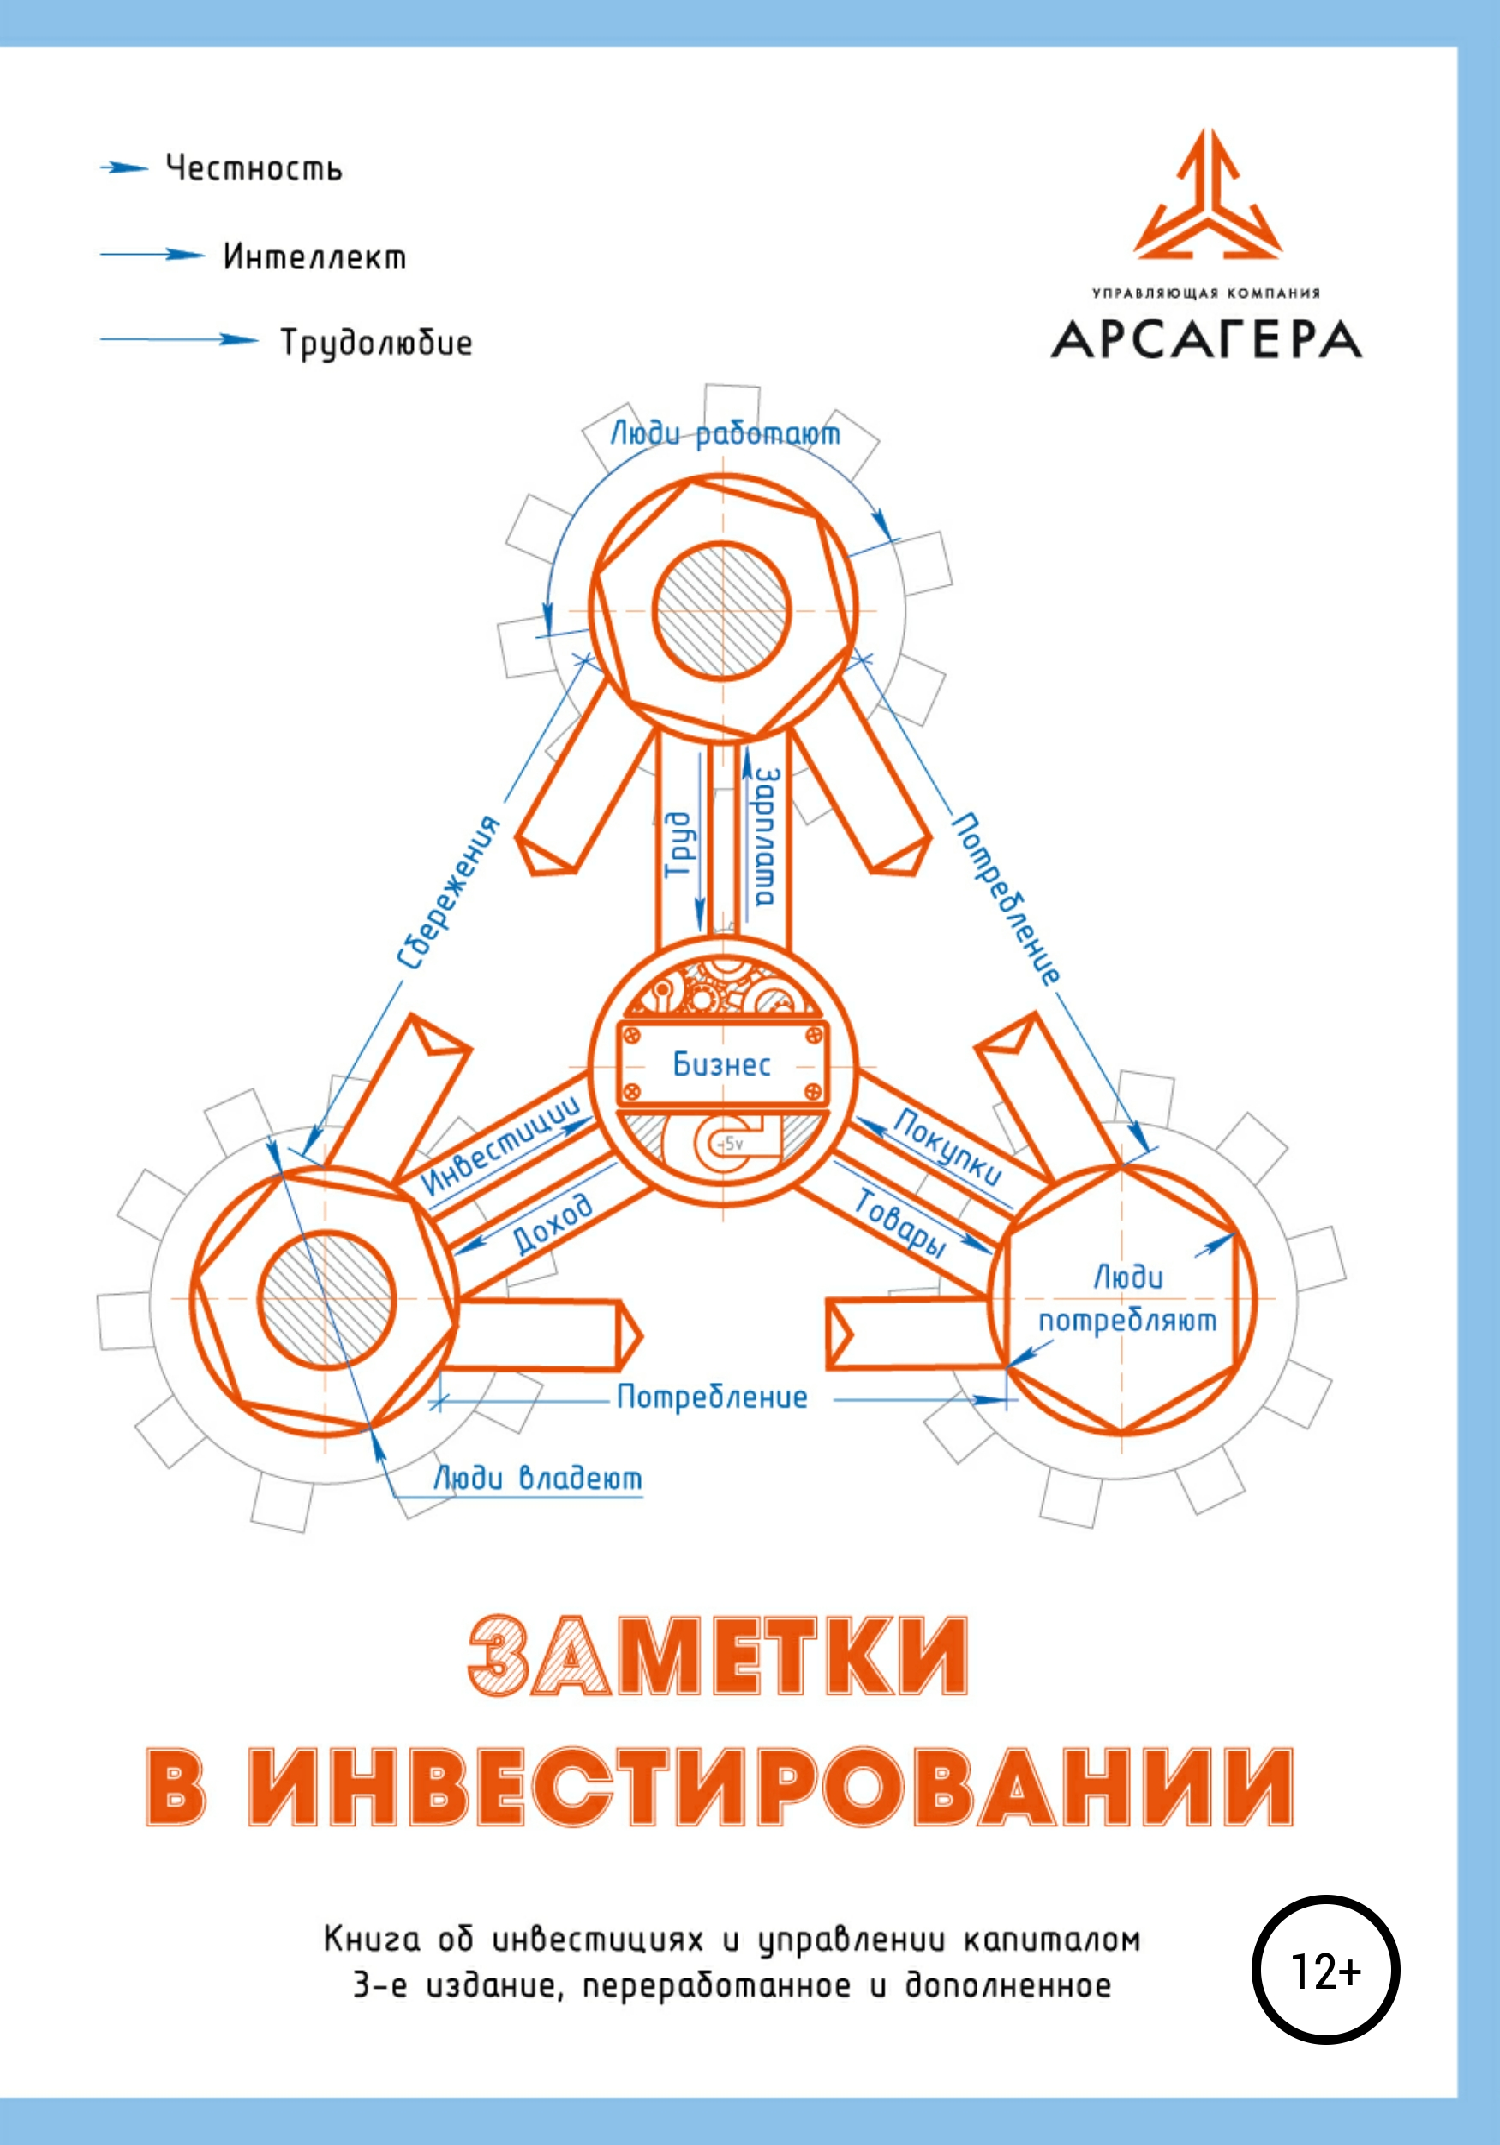 Обложка книги. Автор - УК «Арсагера»